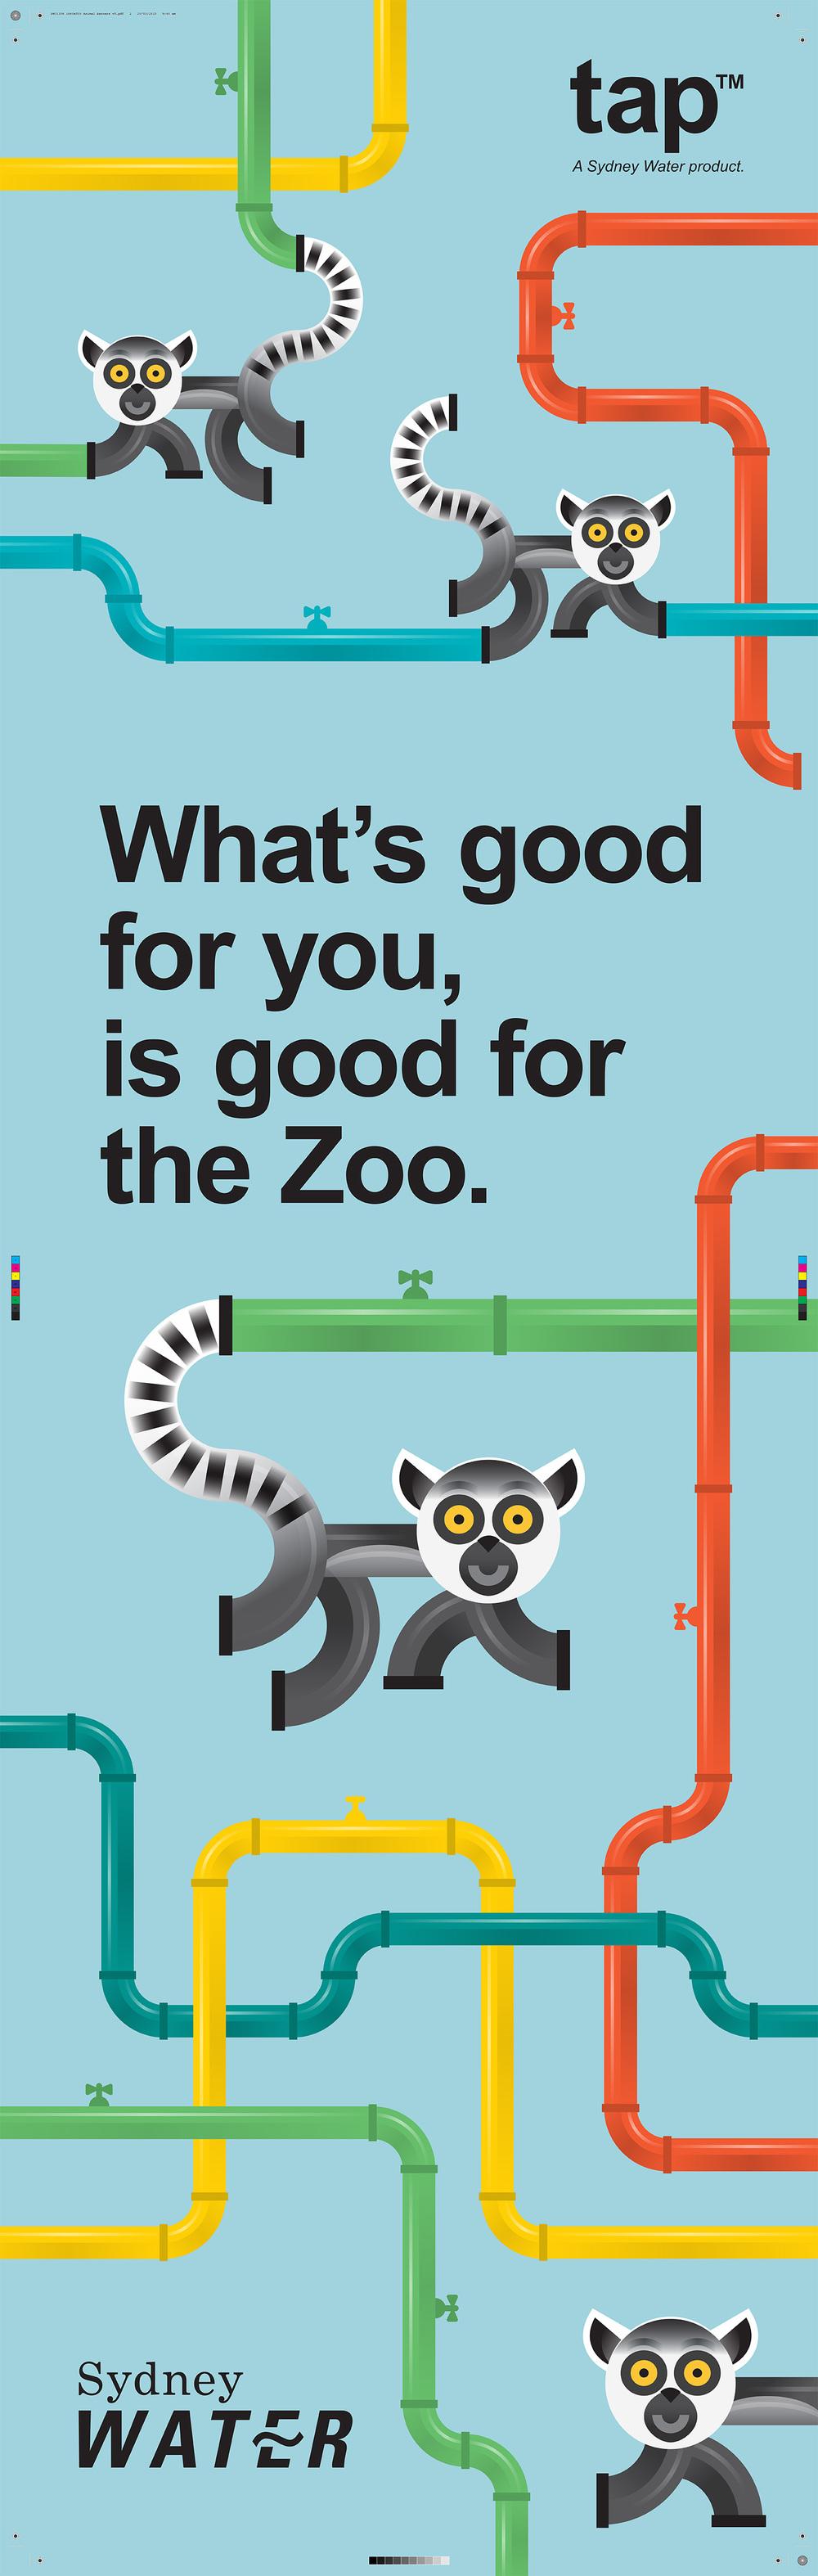 sydneywater-zoo-03.jpg